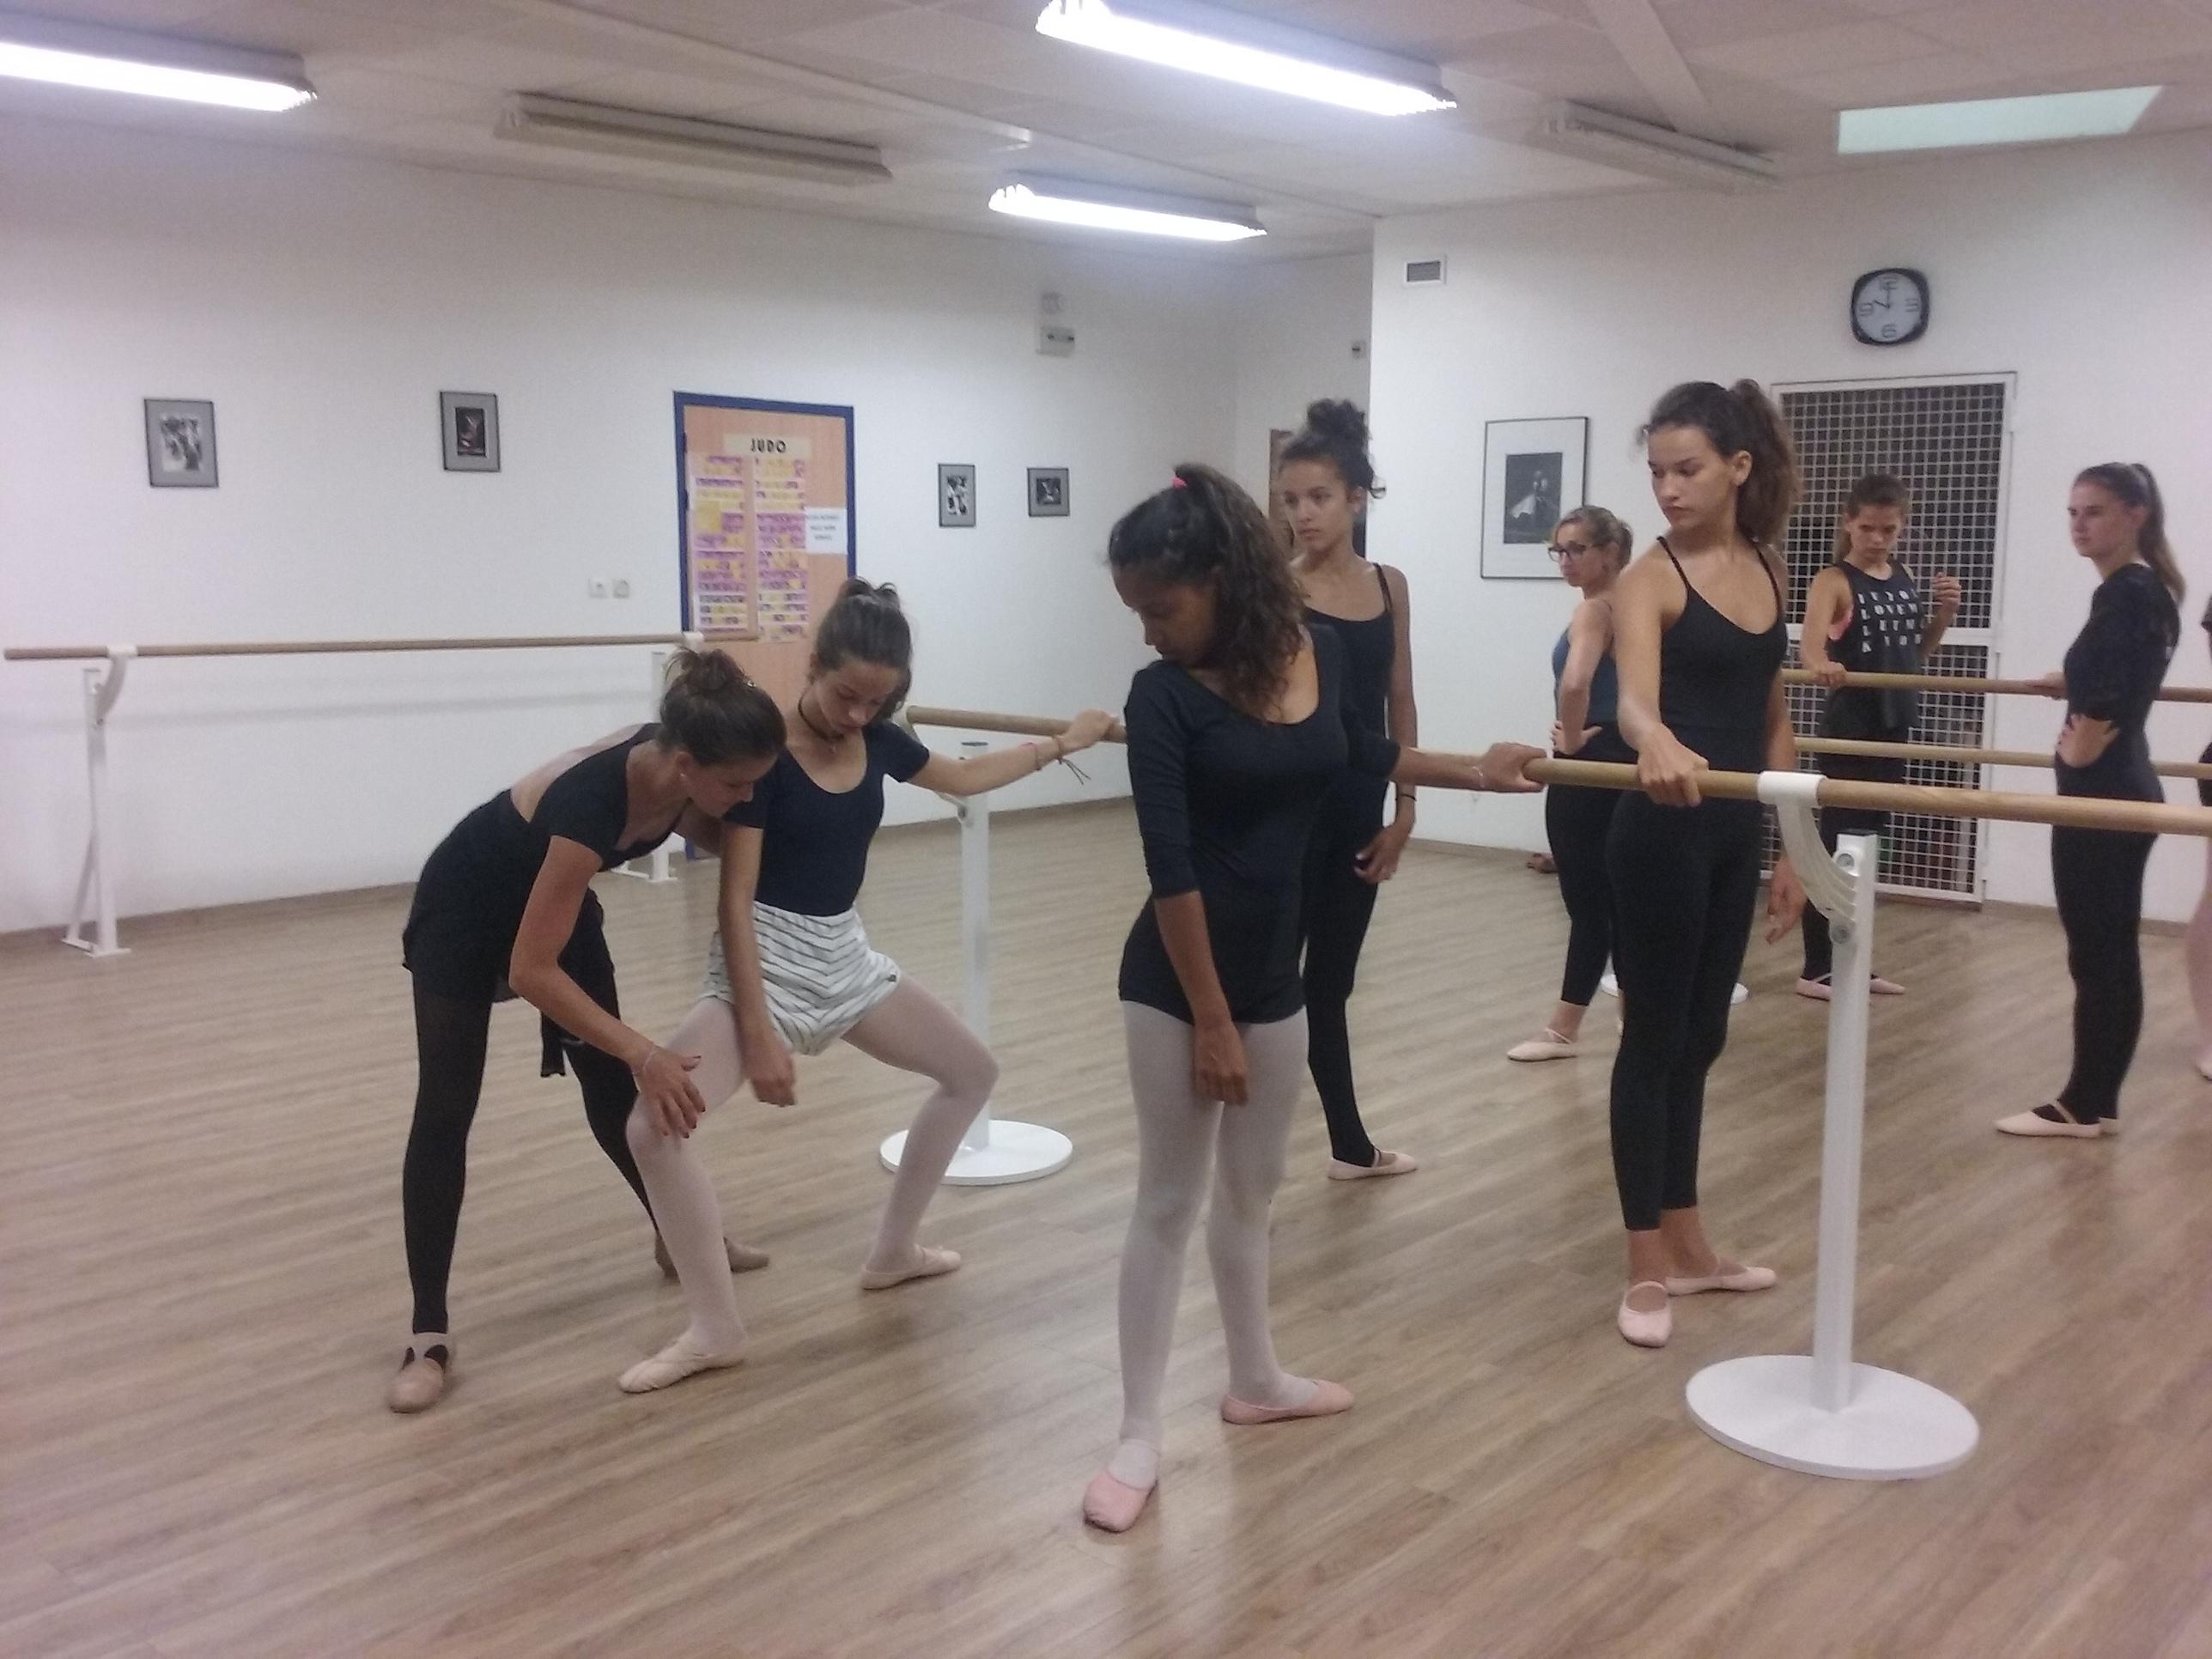 Danse classique ecole de danse mawela danses for Cours danse classique barre